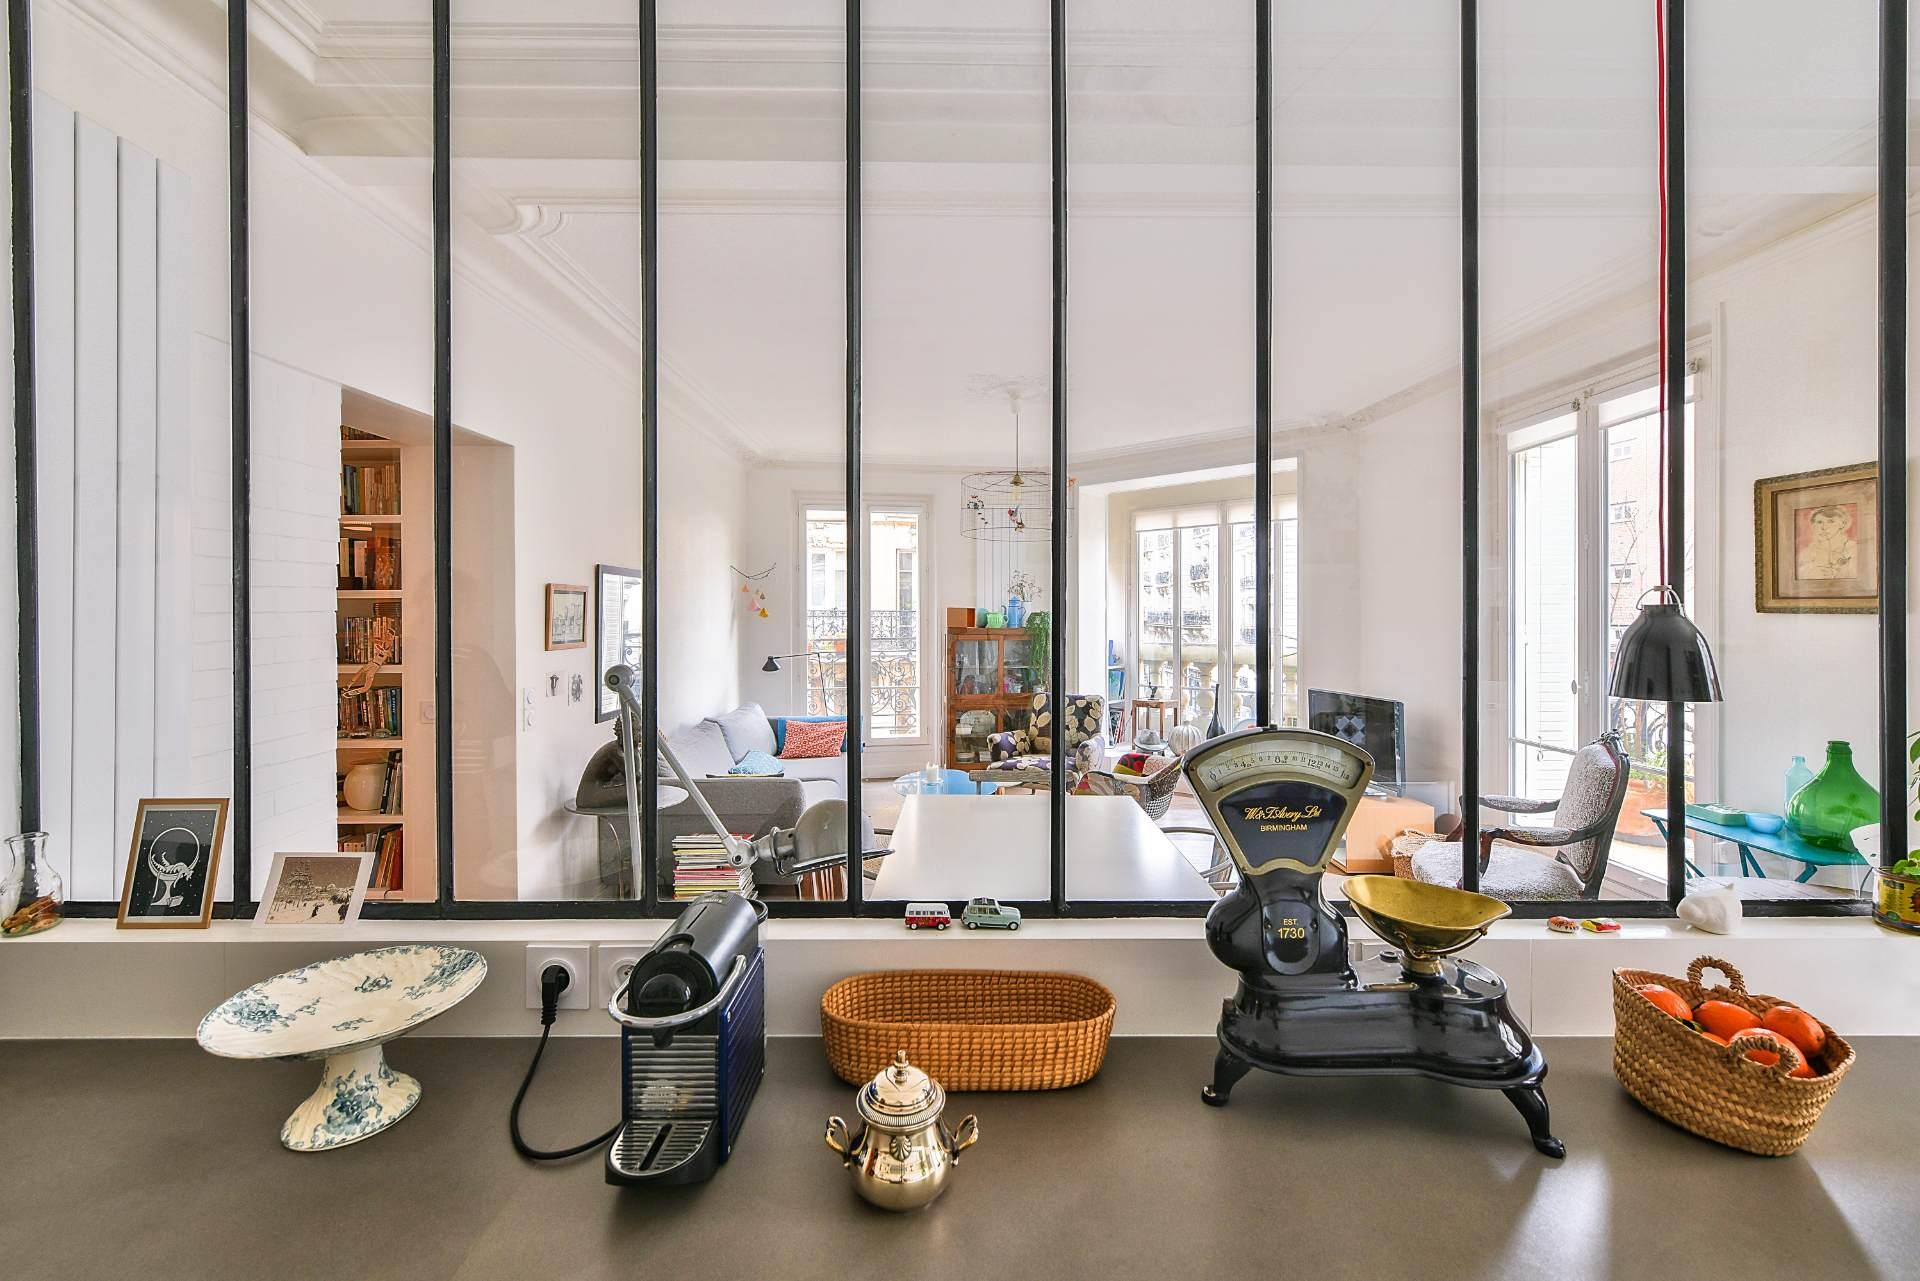 Appartement 3 pièces de 77m2 – Secteur Damrémont – Paris XVIII 5